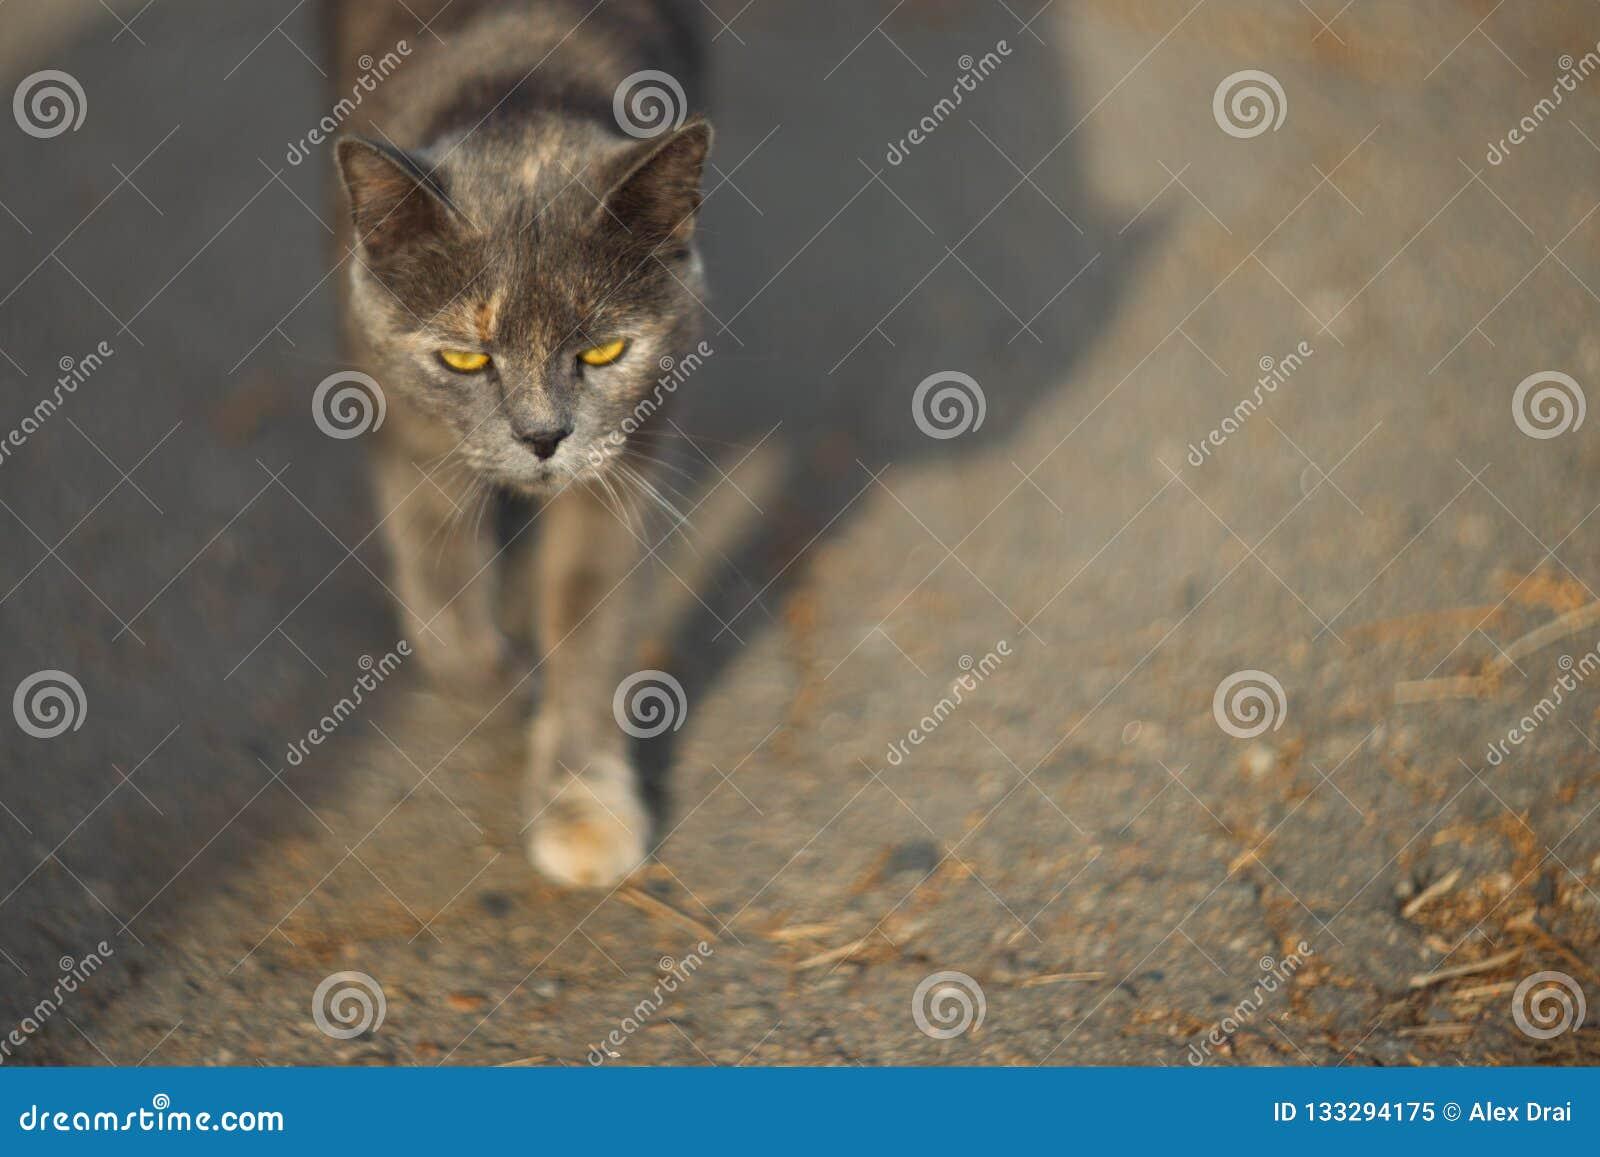 Η ευμετάβλητη άστεγη γκρίζα γάτα εξετάζει σας σε μια μεγάλη πόλη Περίπατοι γατών στην άσφαλτο Η γάτα είναι άστεγη